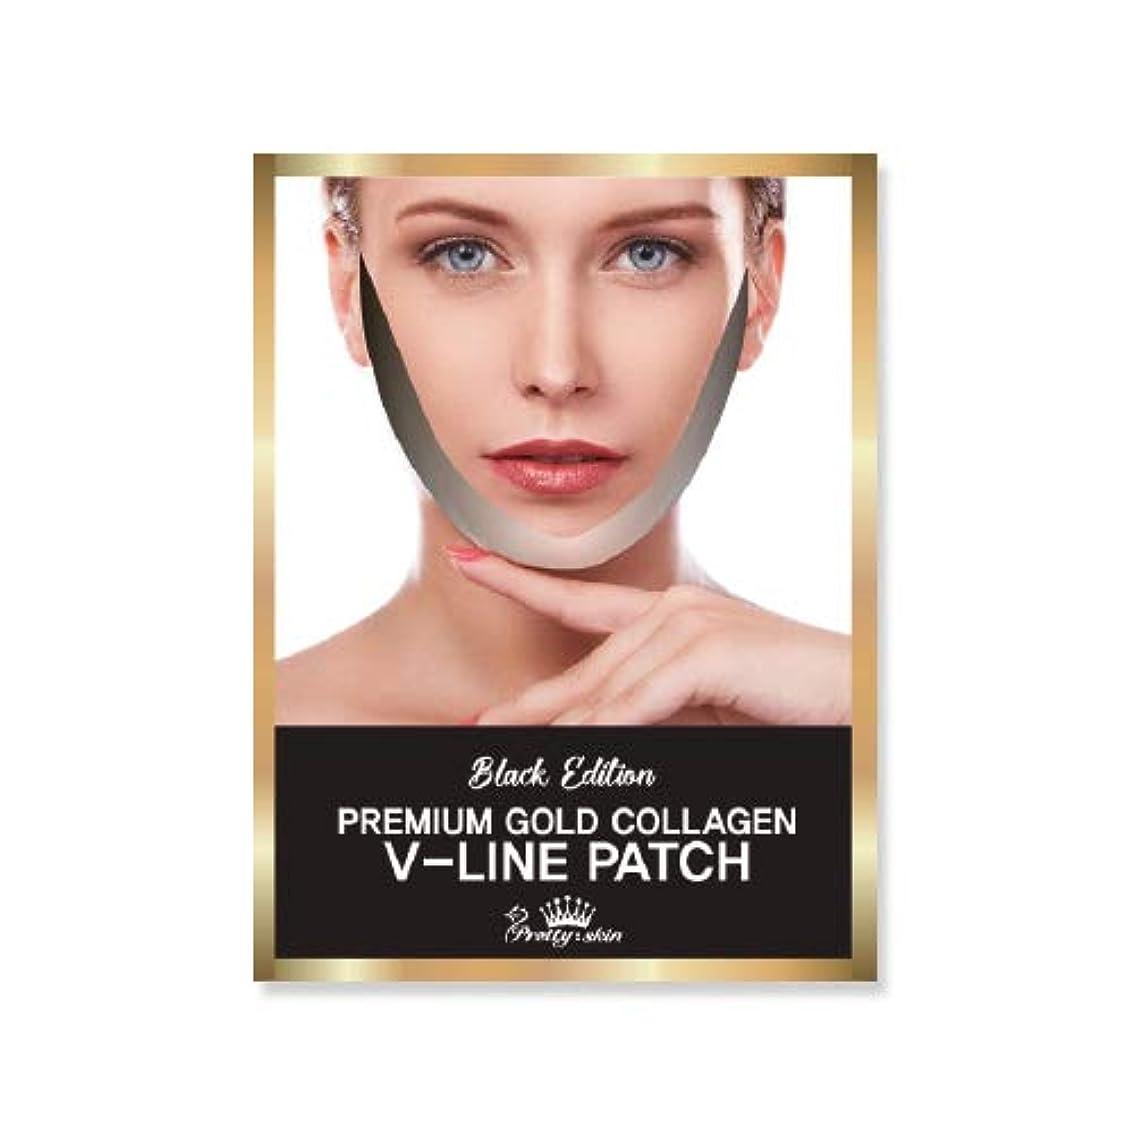 め言葉神話キャップpretty skin プリティスキン V-LINE PATCH ブイラインパッチ リフトアップ マスク (5枚組, ブラック)